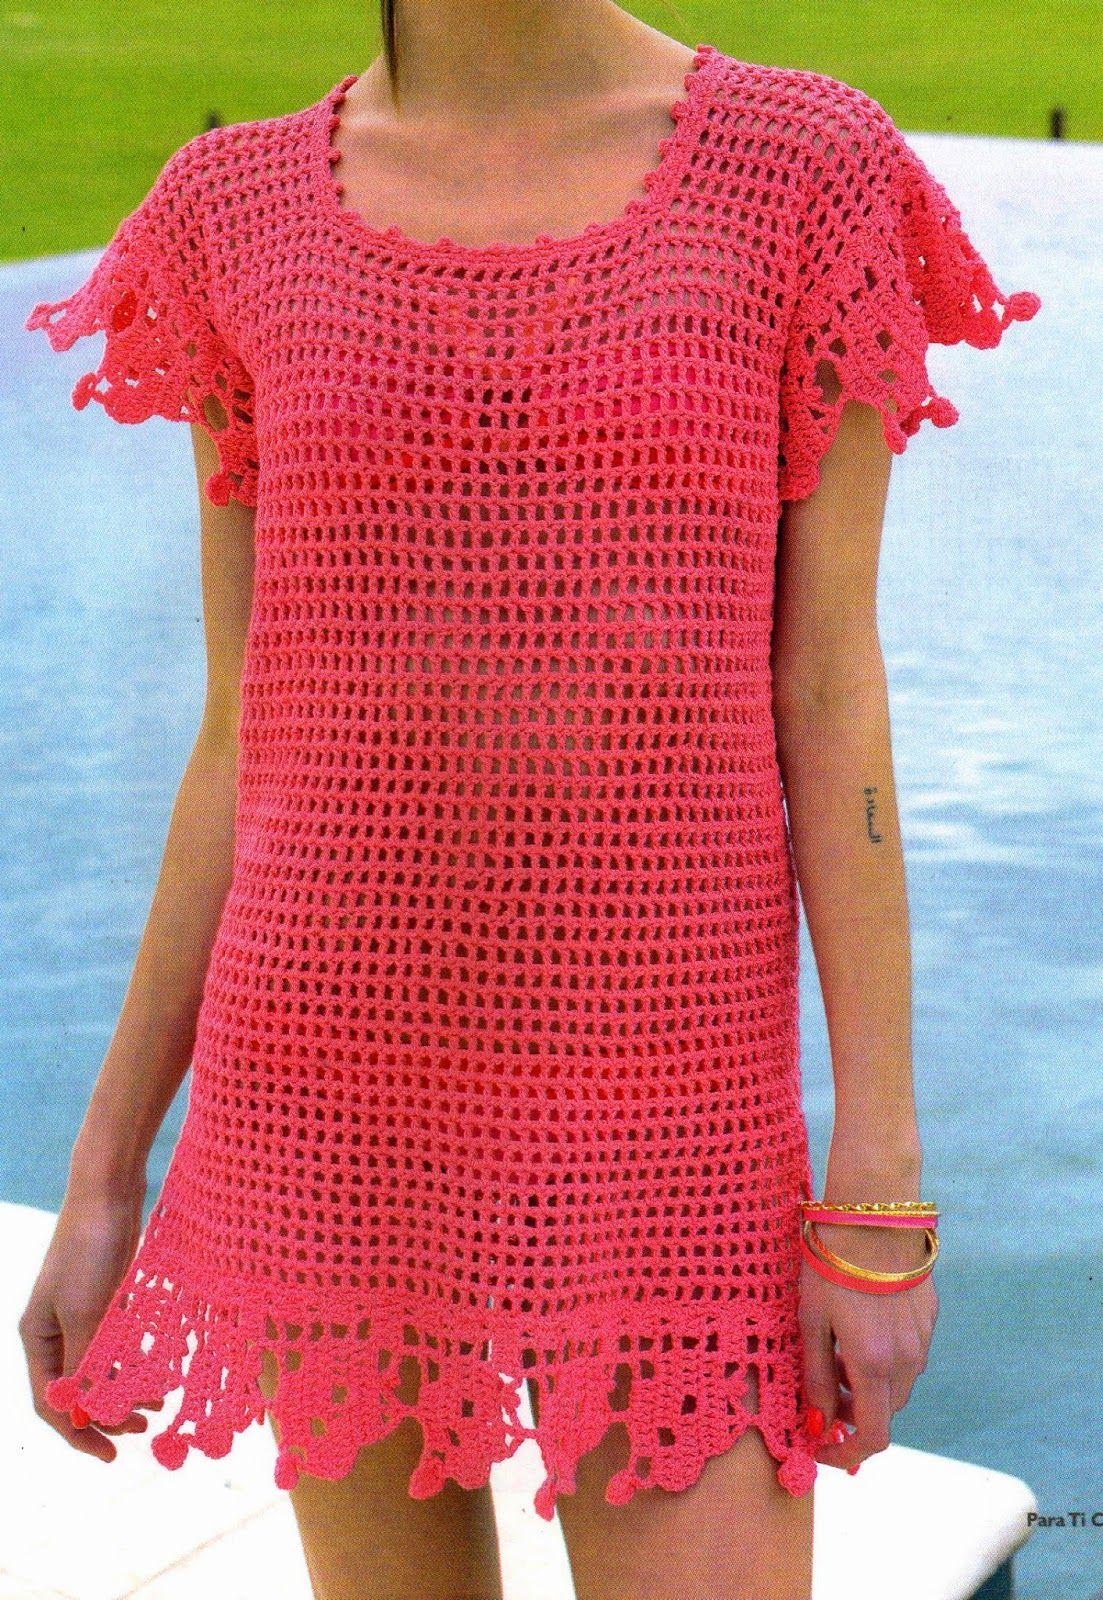 tejidos al crochet paso a paso con diagramas: Camisola calada tejida ...